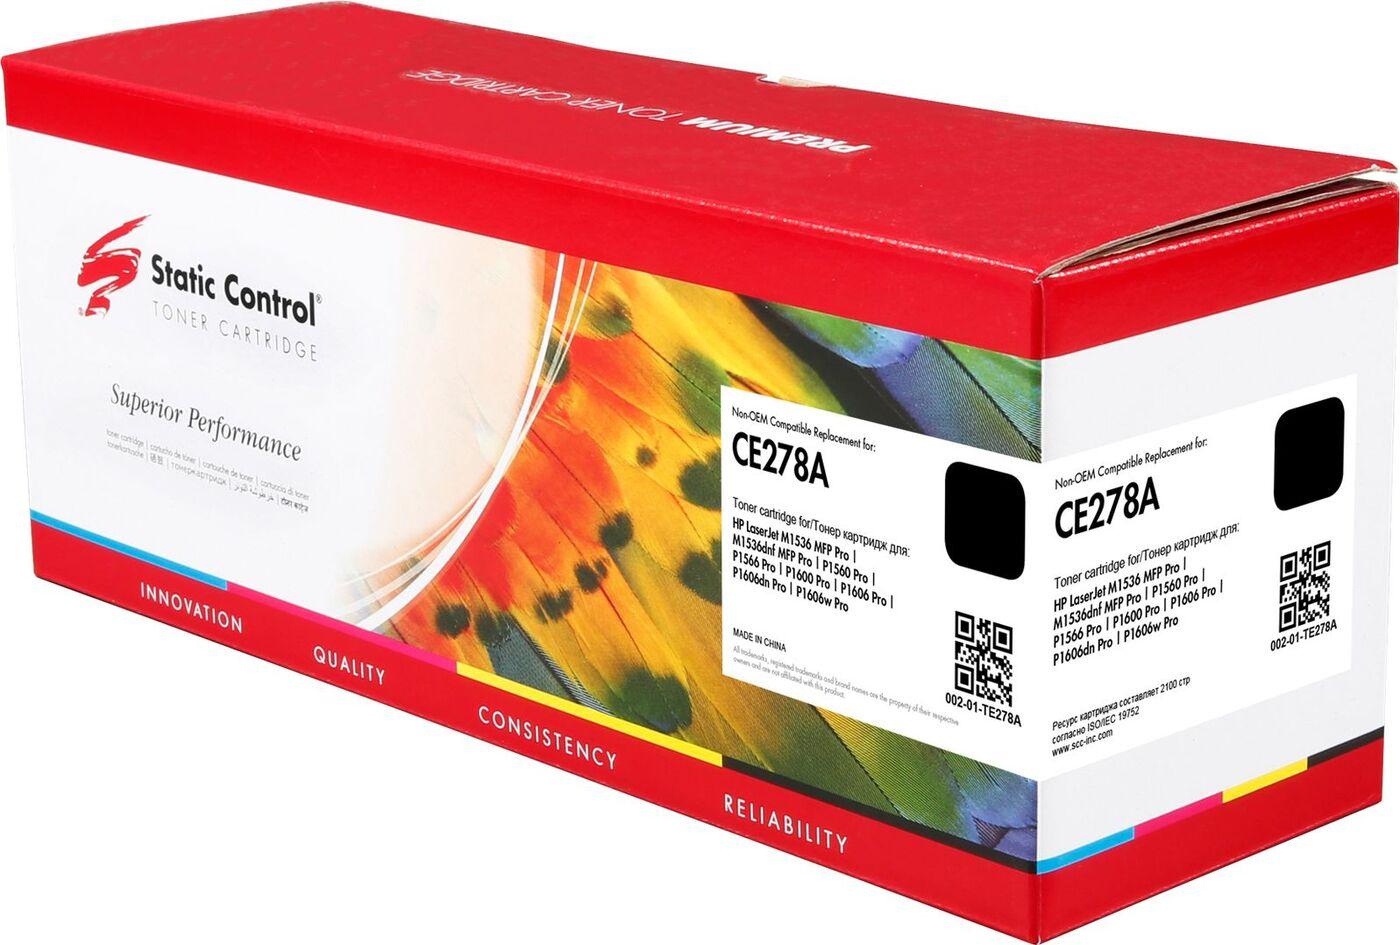 Картридж Static Control CE278A, черный, для лазерного принтера картридж profiline pl ce278a для hp lj pro p1560 p1566 p1600 p1606dn m1536 2100стр